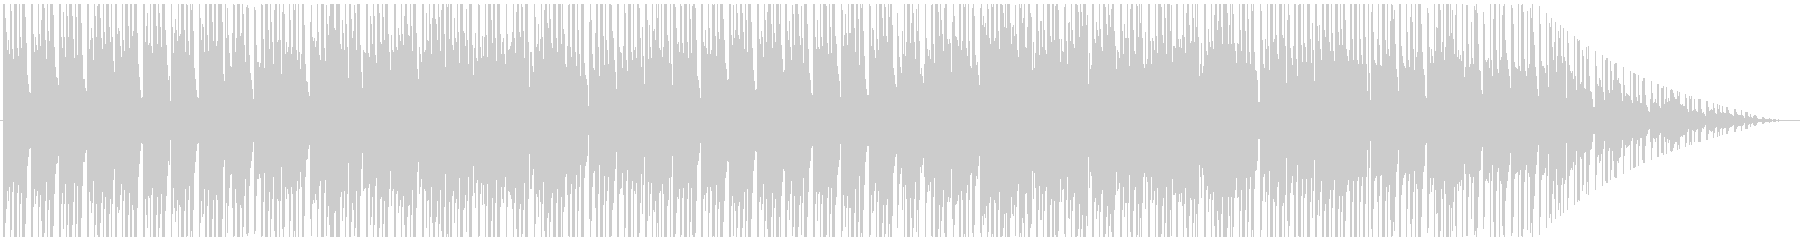 ファンク ドラマチック ピアノ 弦...の未再生の波形